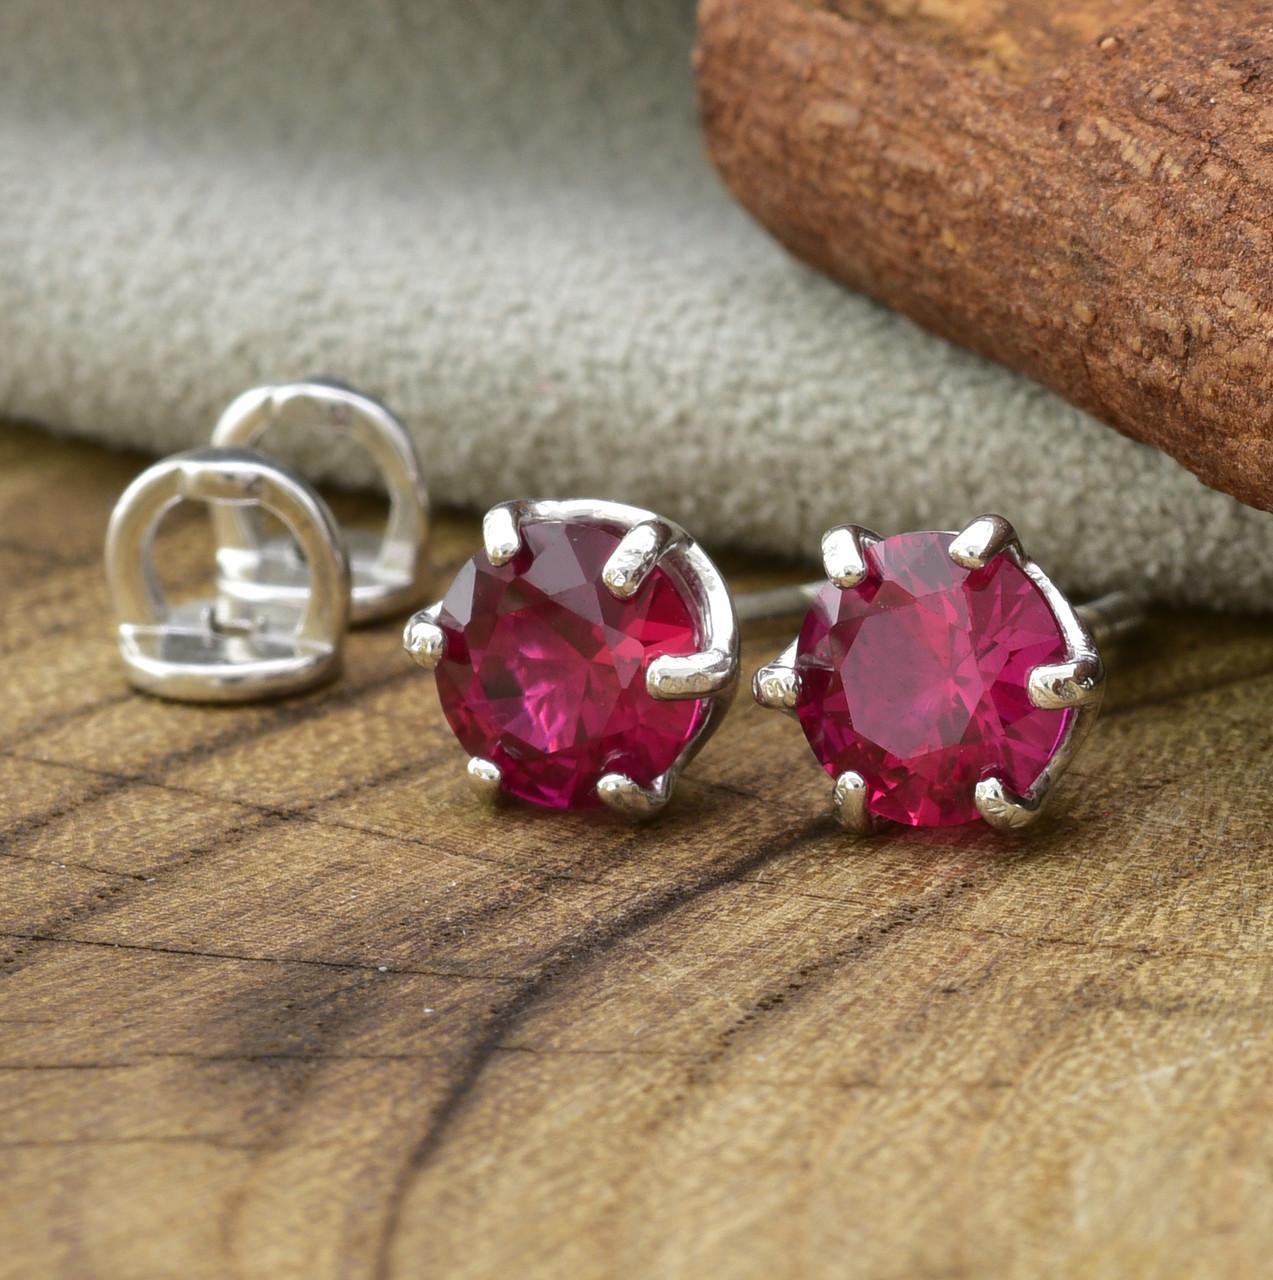 Серебряные серьги гвоздики размер 6х6 мм рубиновые фианиты вес 1.24 г